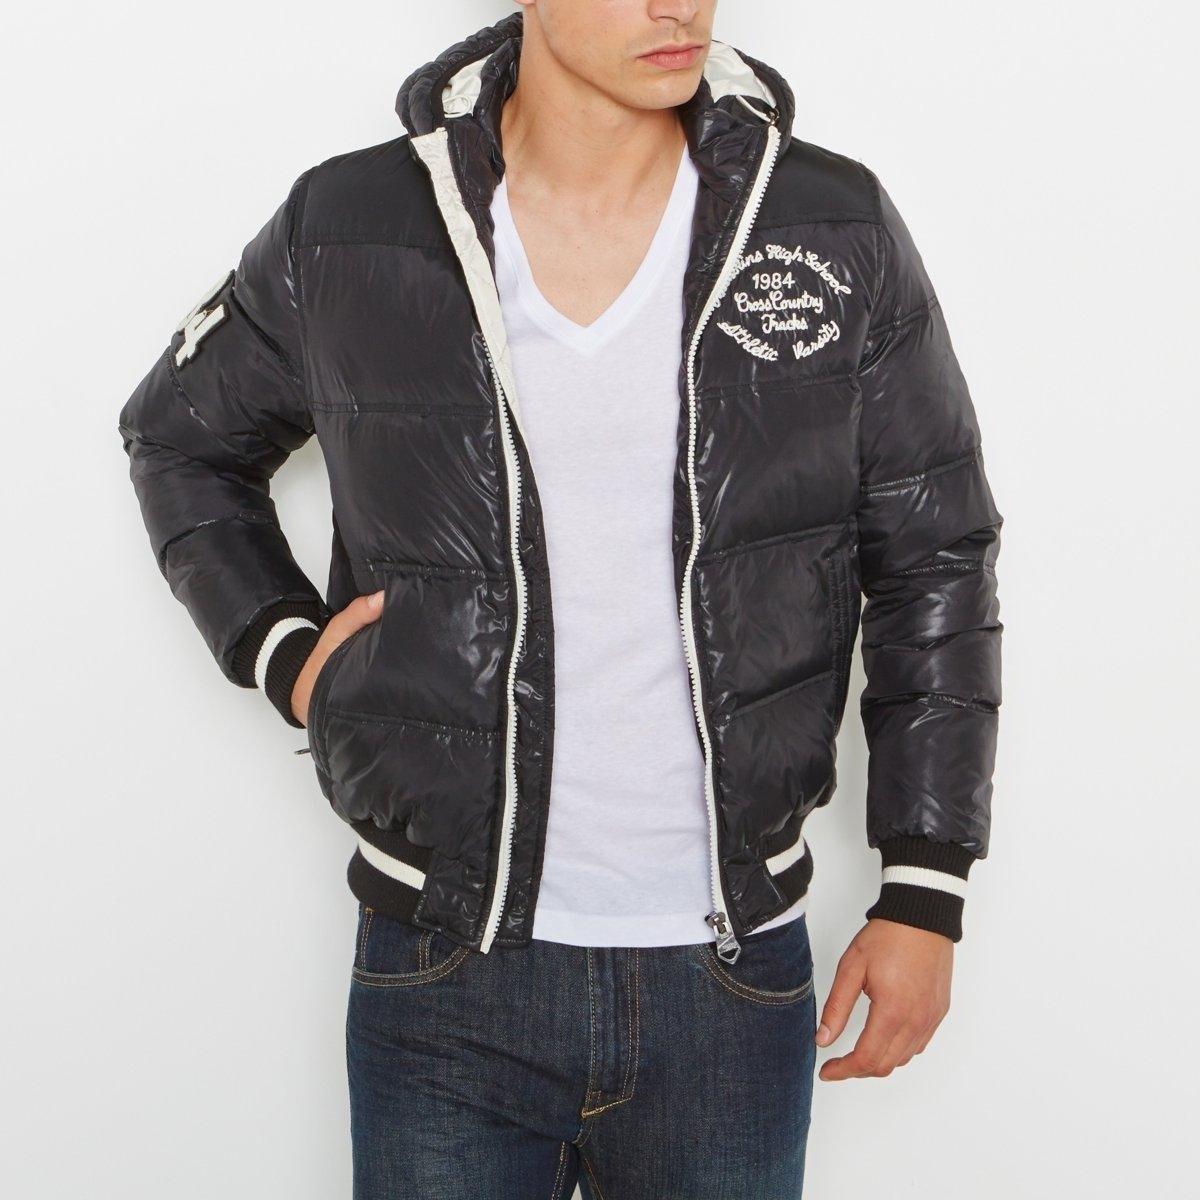 Куртка стеганаяСтеганая куртка Sphinx от REDSKINS. 100% полиамида (эффект двух материалов на плечах, рукавах и краях карманов). Теплая подкладка из 50% пера и 50% пуха. Съемный капюшон, планка-велкро спереди. Застежка на молнию спереди. 2 кармана на молнии, на подкладке из флиса. 1 нагрудный карман на молнии. Логотип на рукаве. Логотип в тон сзади. Внутренние манжеты + низ связаны в рубчик. 2 внутренних кармана. Длина 70 см.<br><br>Цвет: черный<br>Размер: M